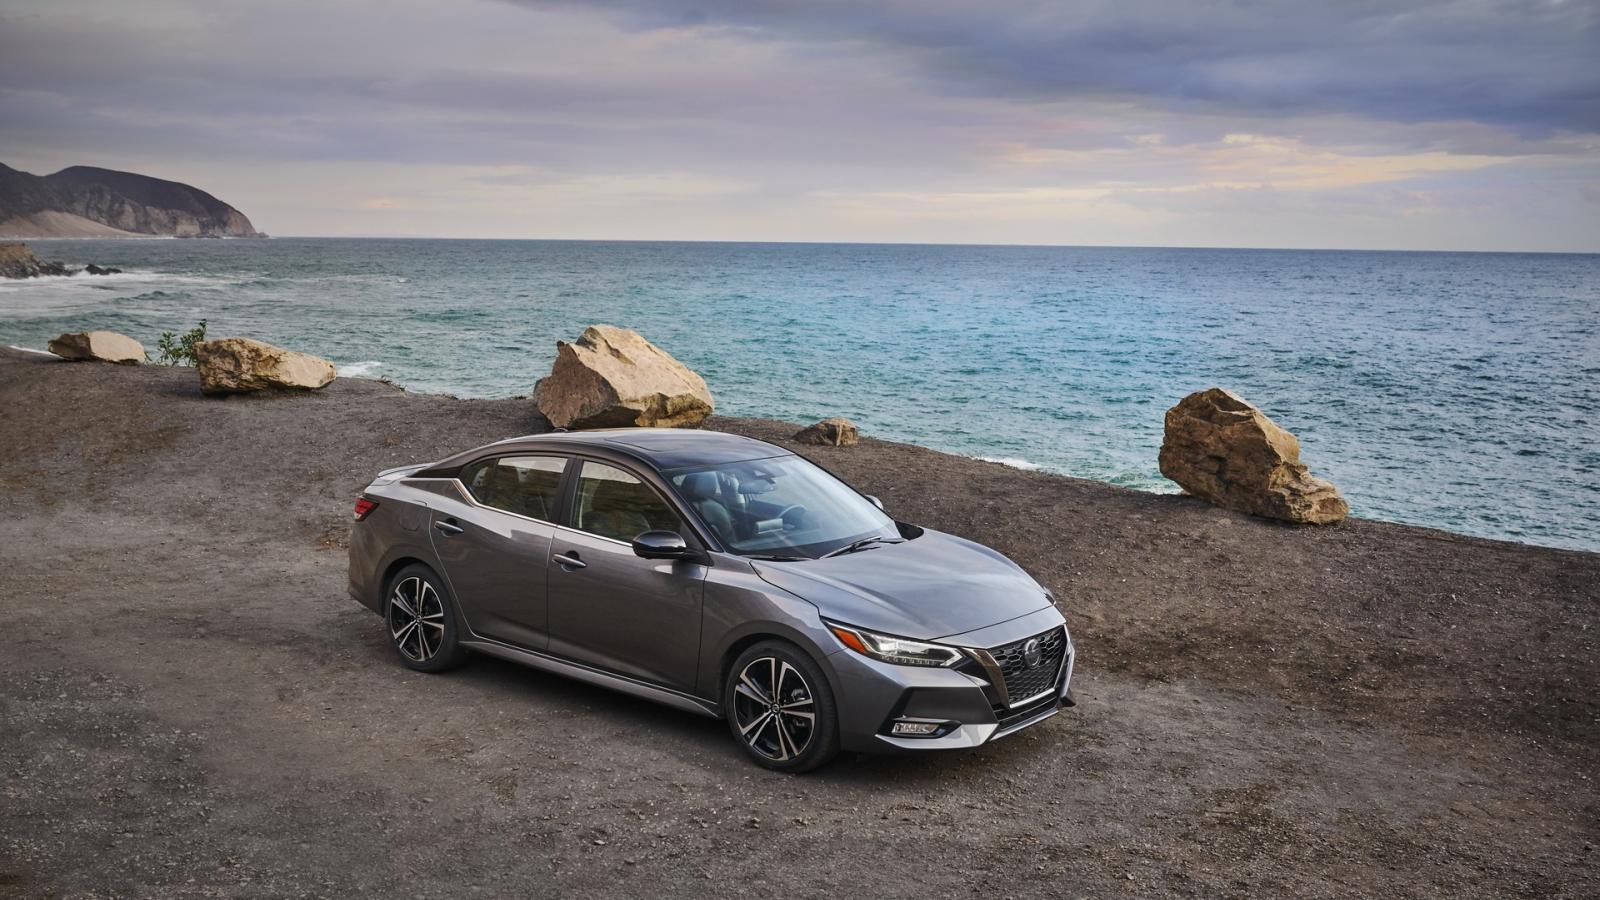 Danh sách những mẫu xe an toàn nhất trong năm 2021